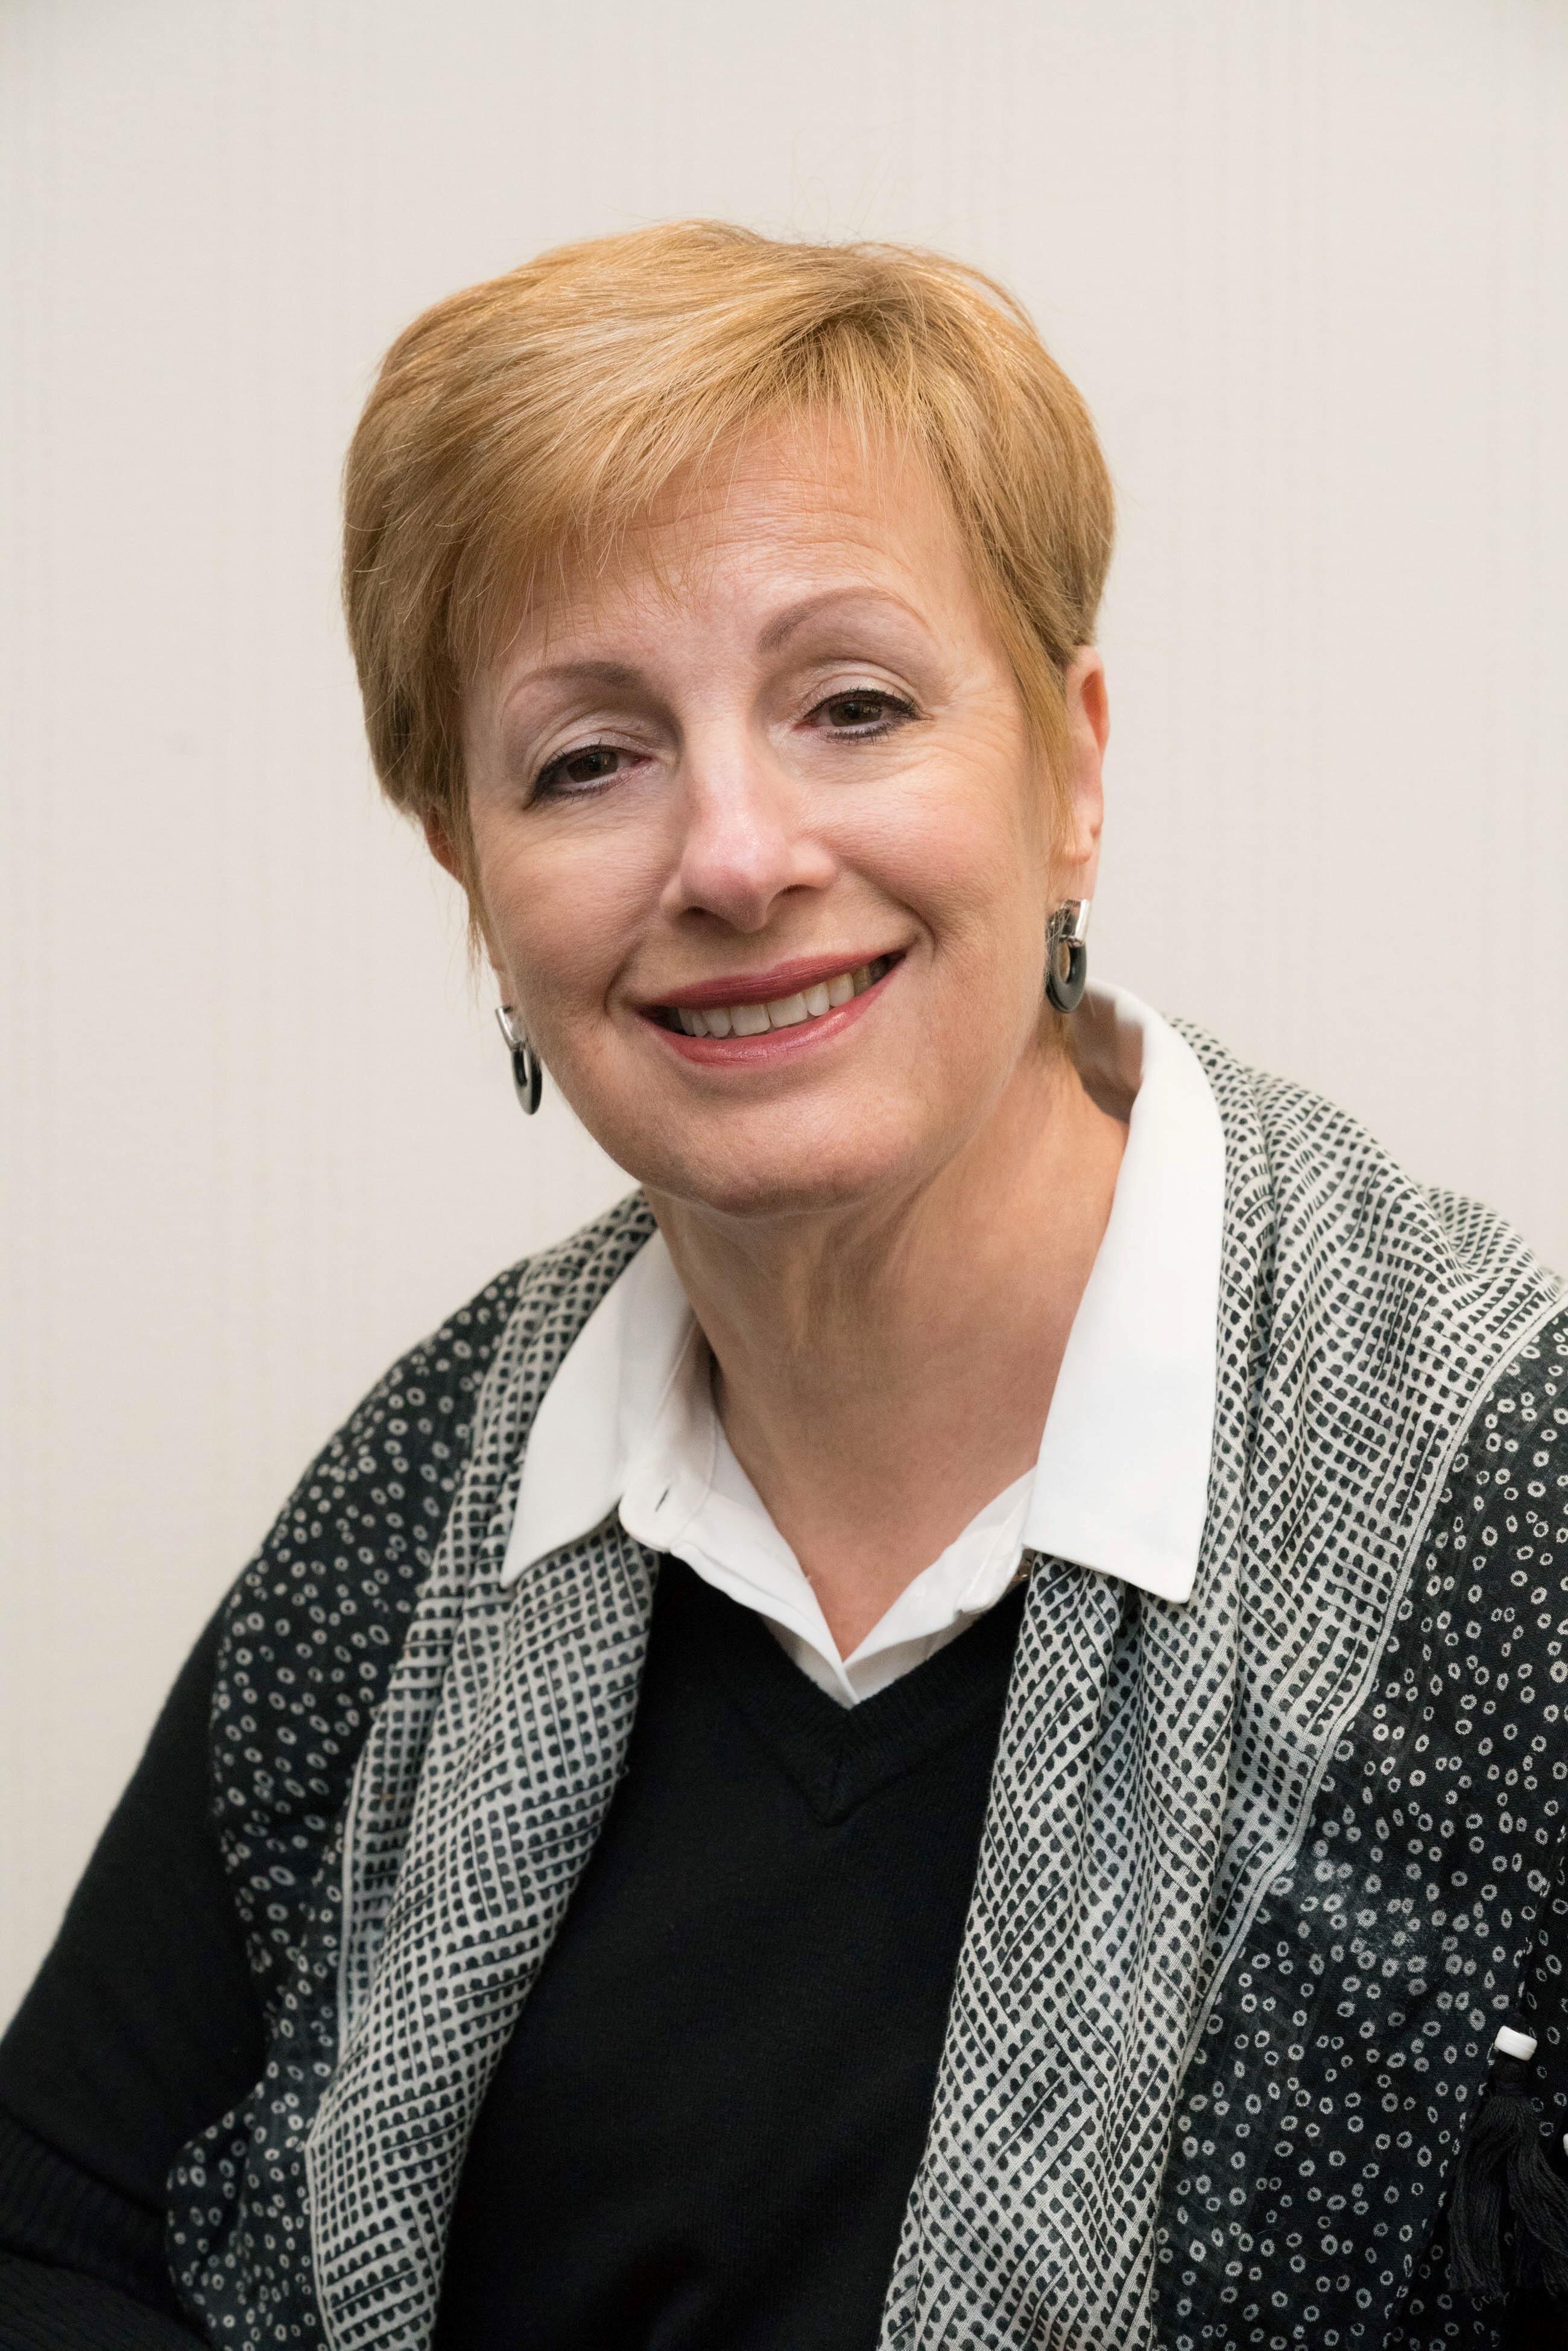 Brenda Bueno